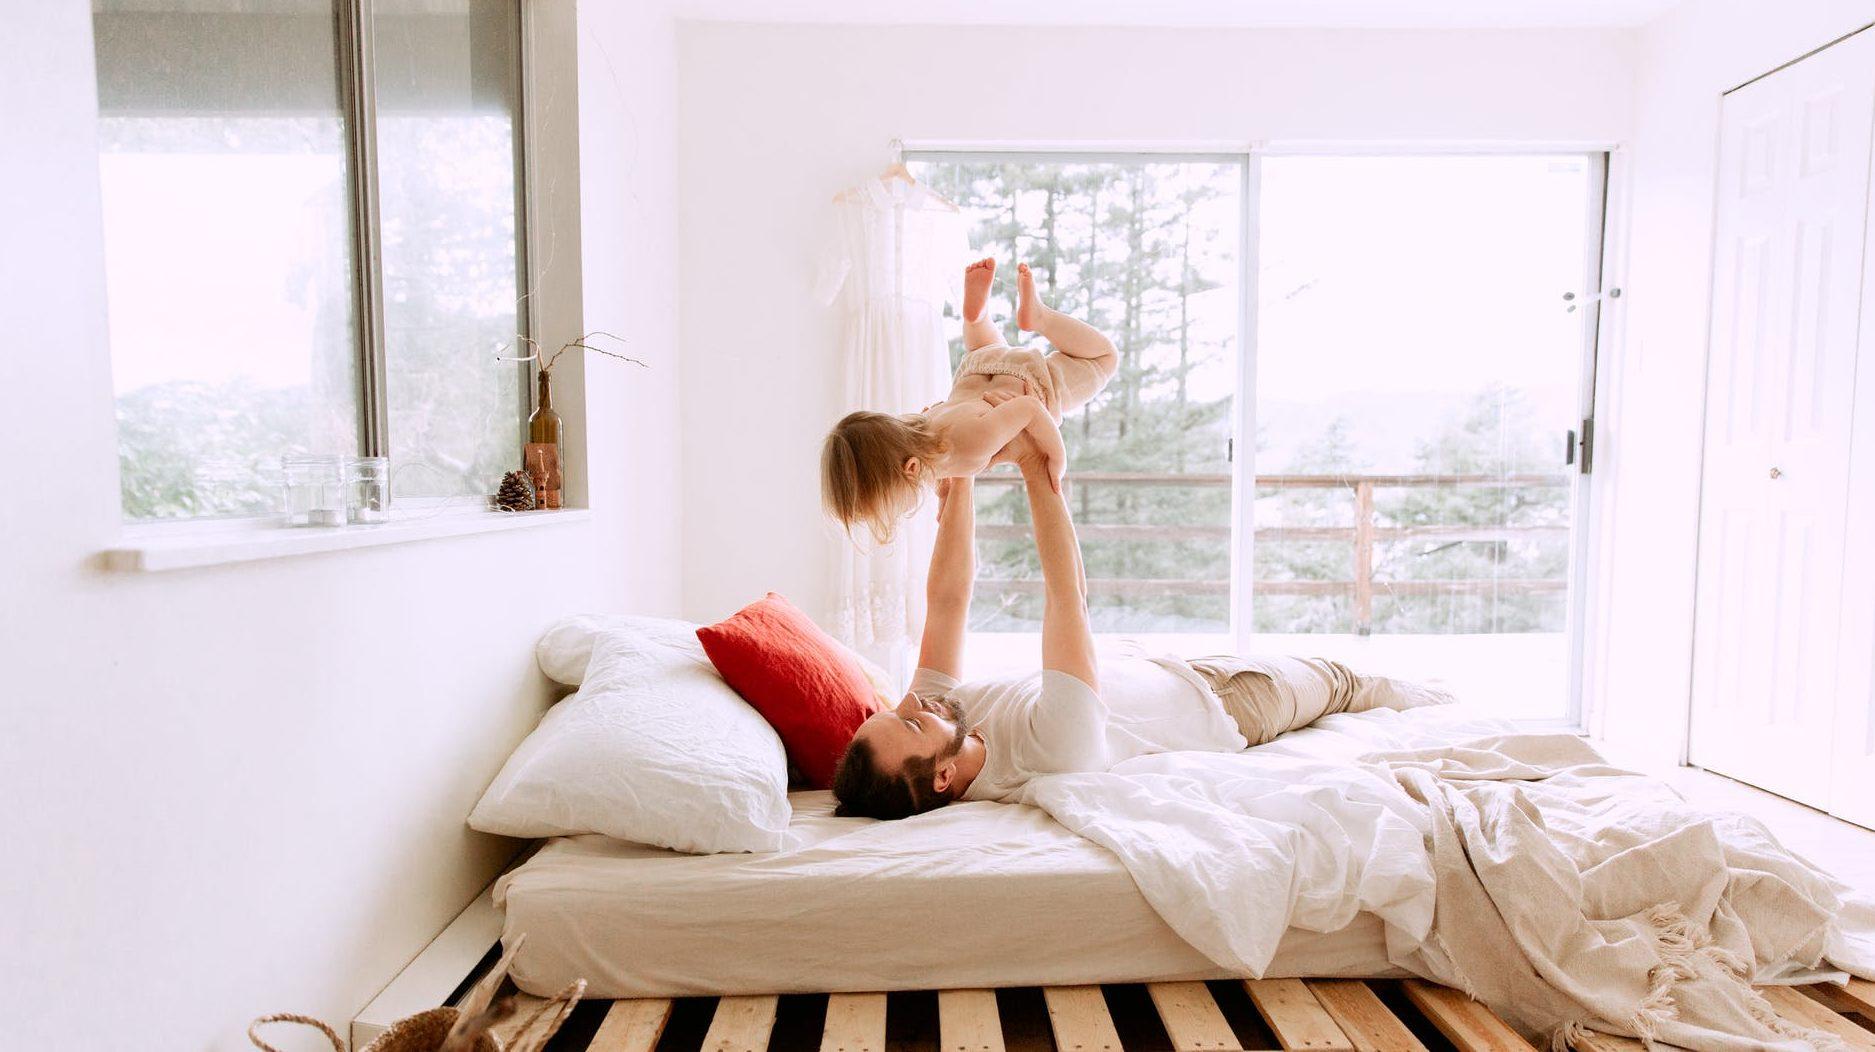 赤ちゃんの身長が伸びないイメージ画像3